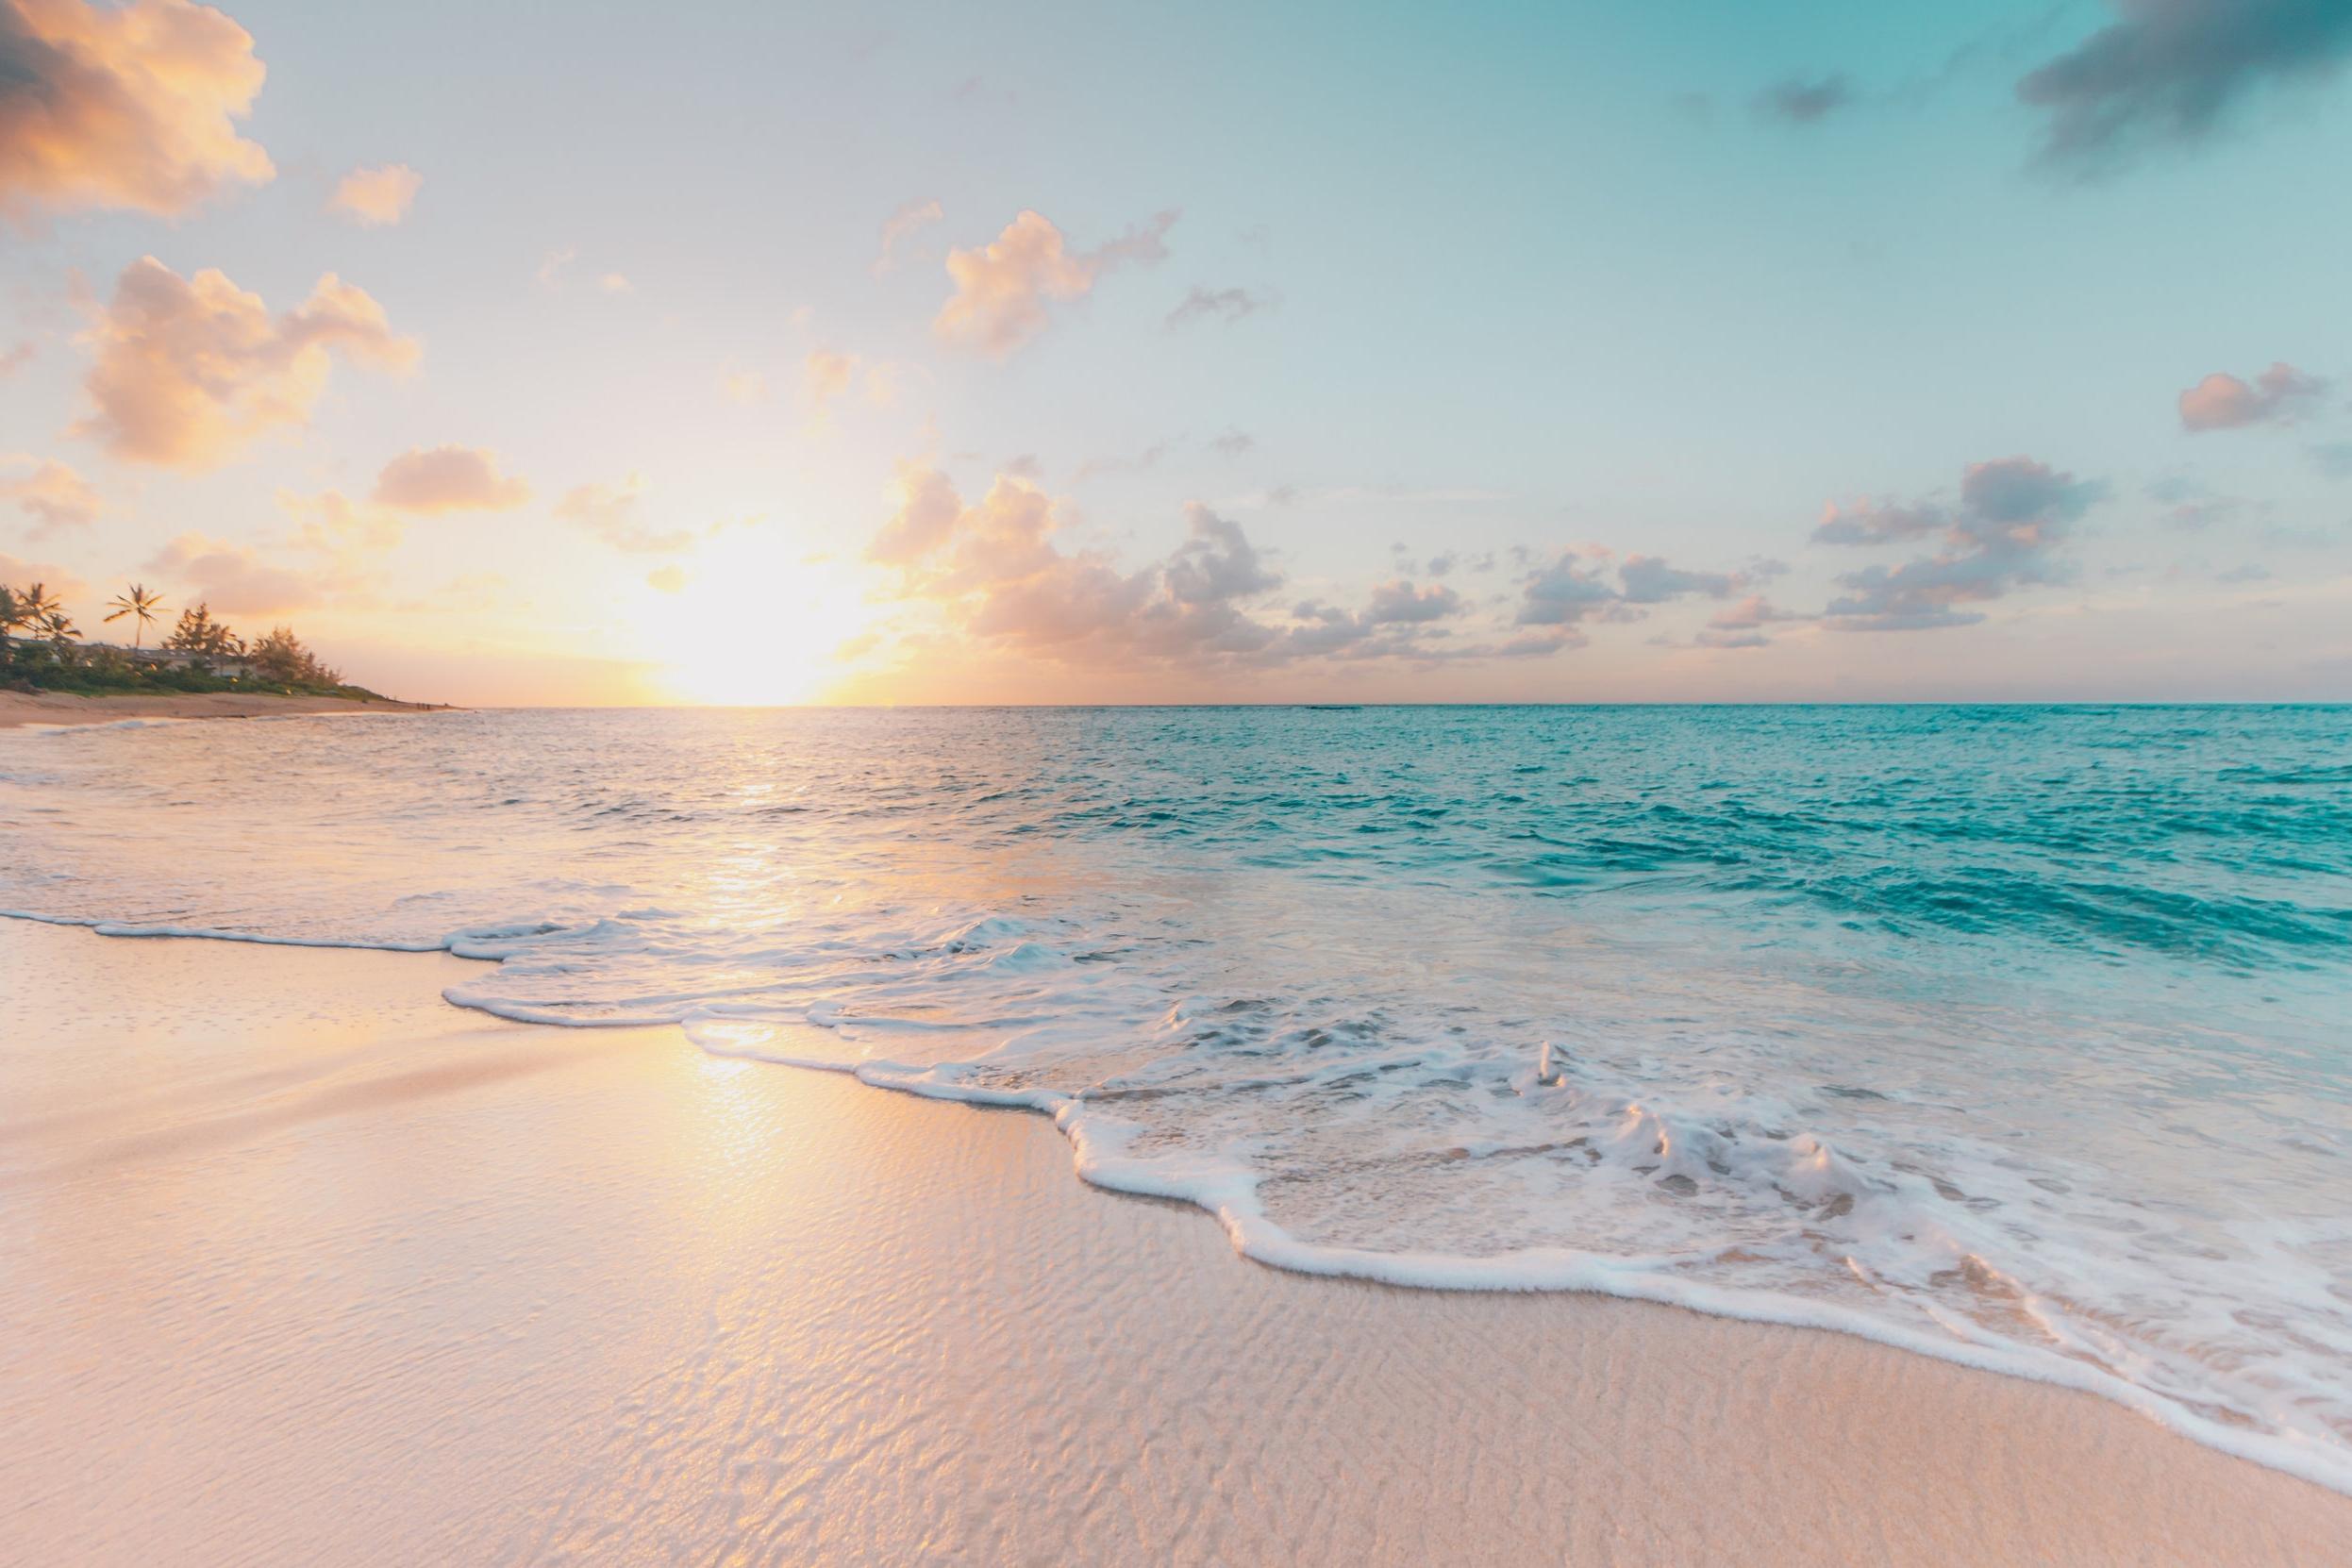 ラナイ島   素朴でゆったりとした時間が流れる島